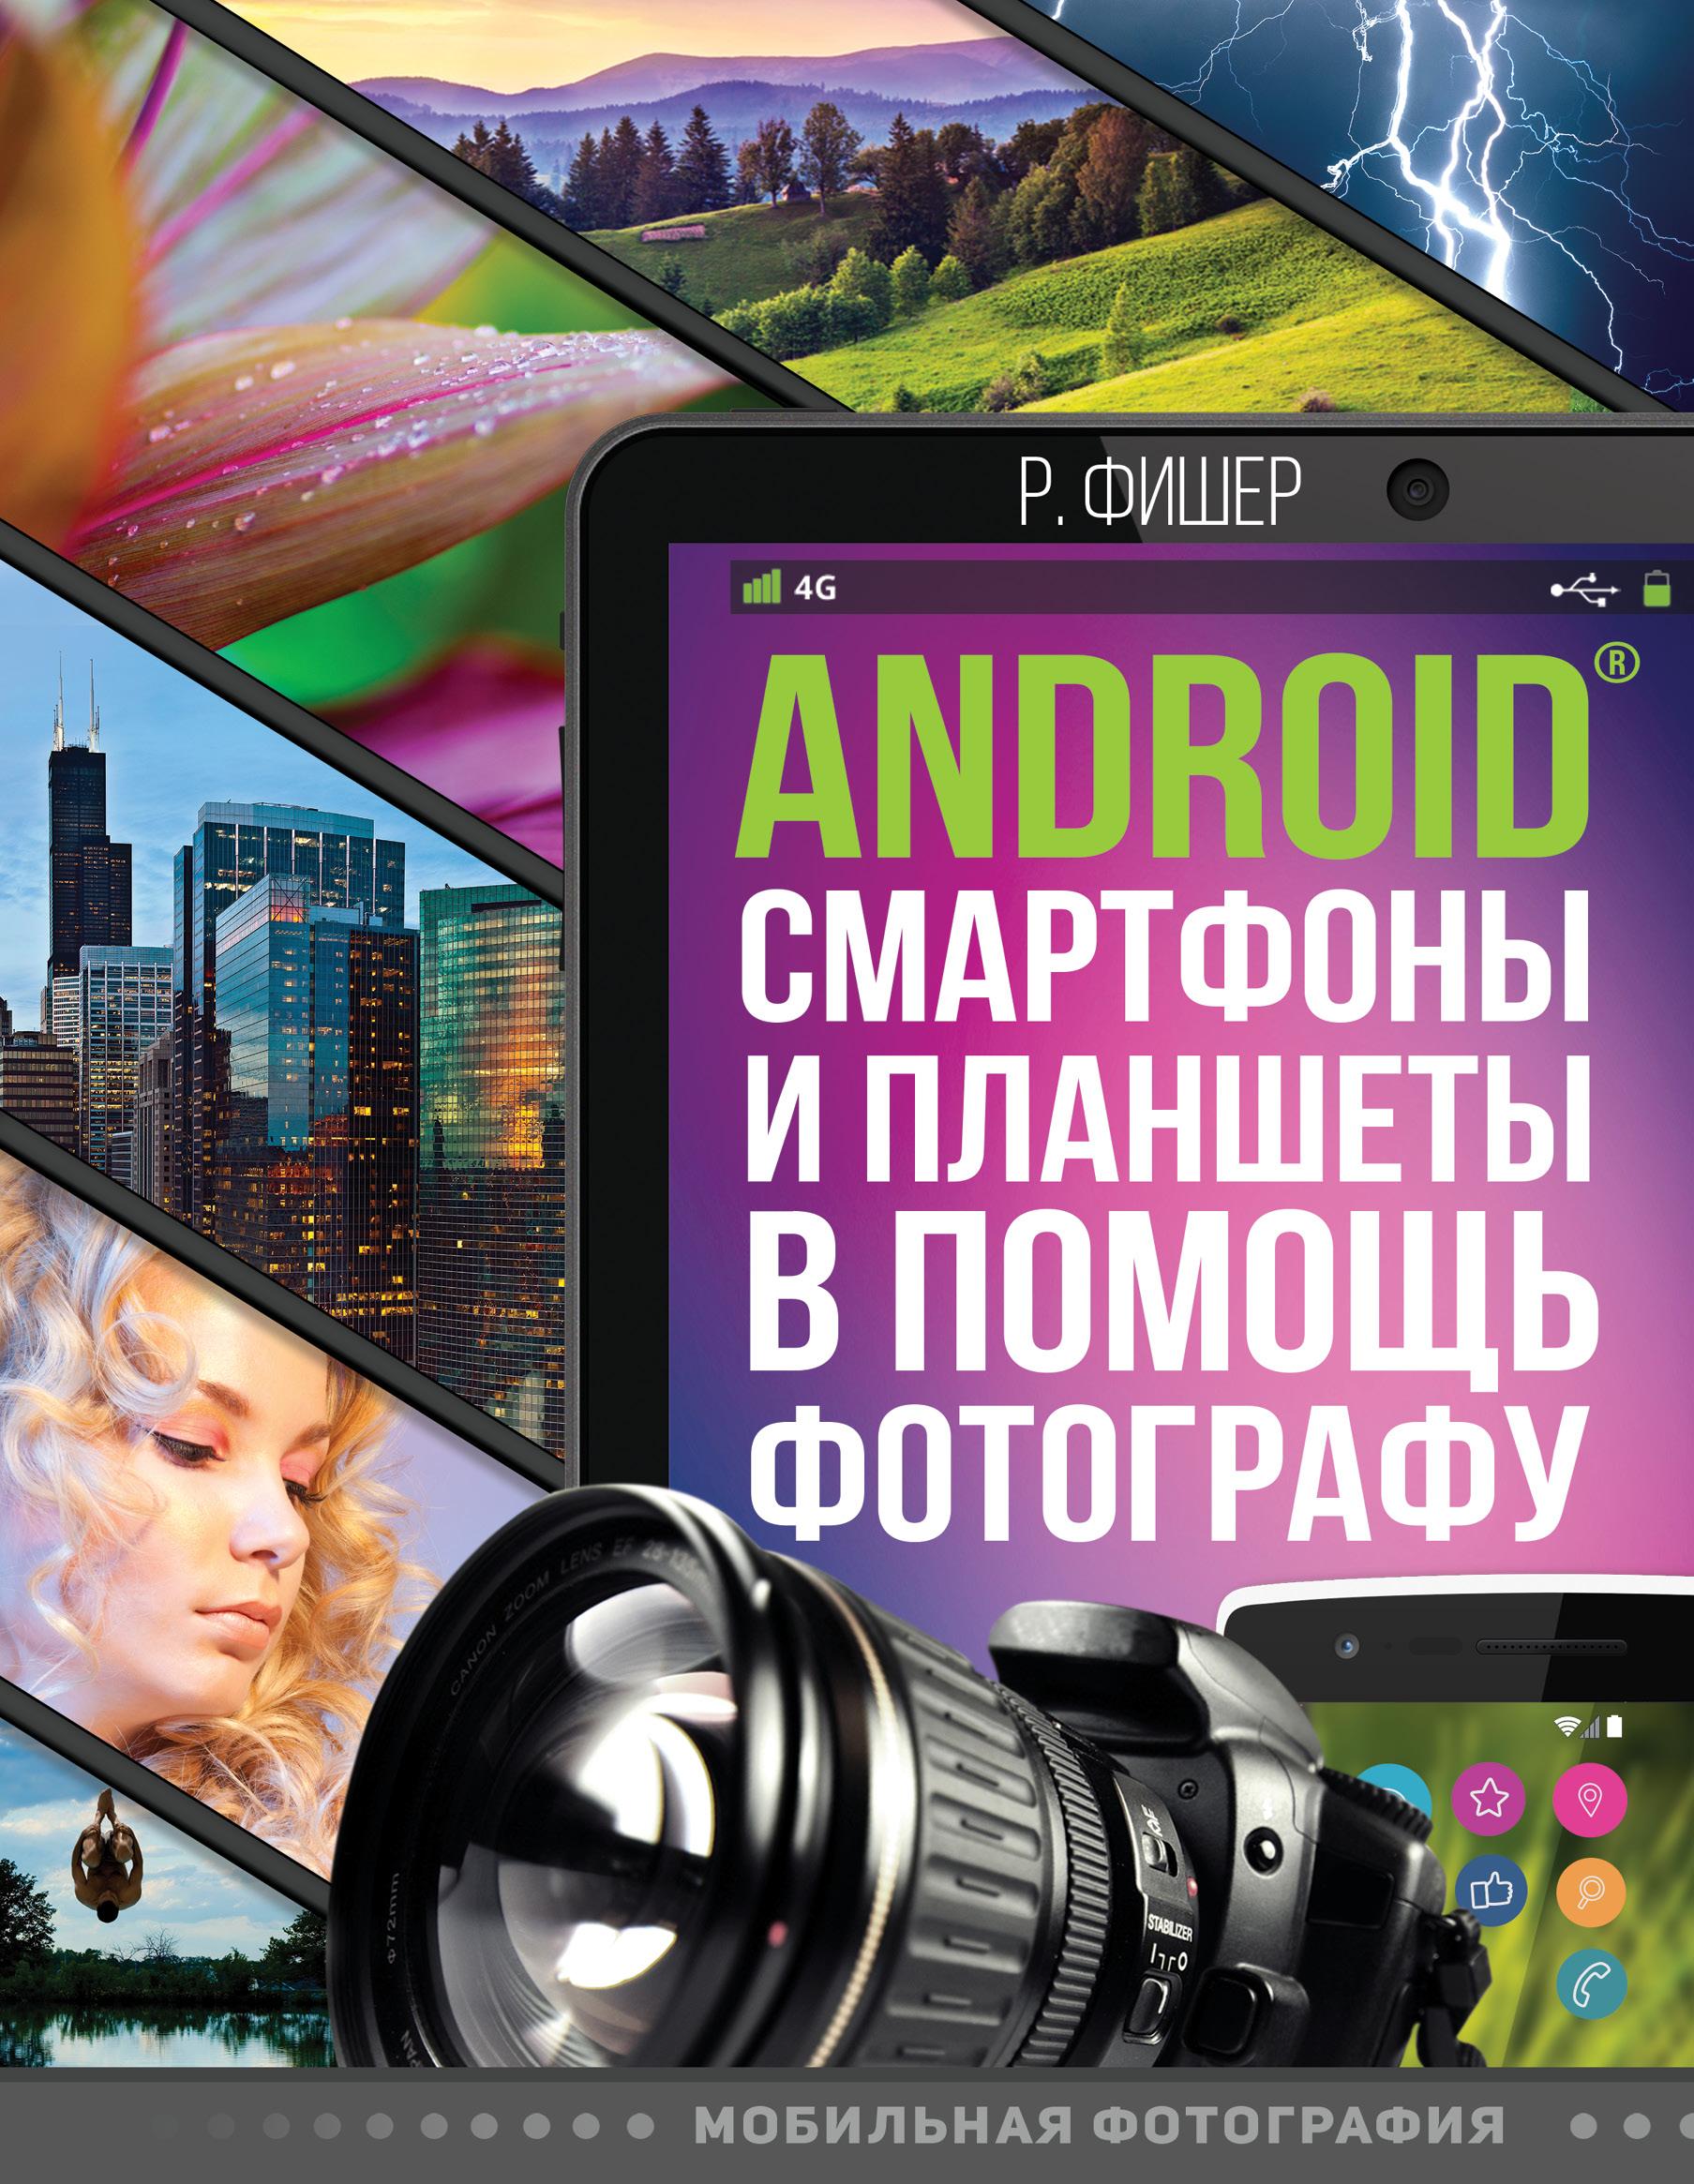 Роберт Фишер Android смартфоны и планшеты в помощь фотографу противоударные смартфоны в екатеринбурге